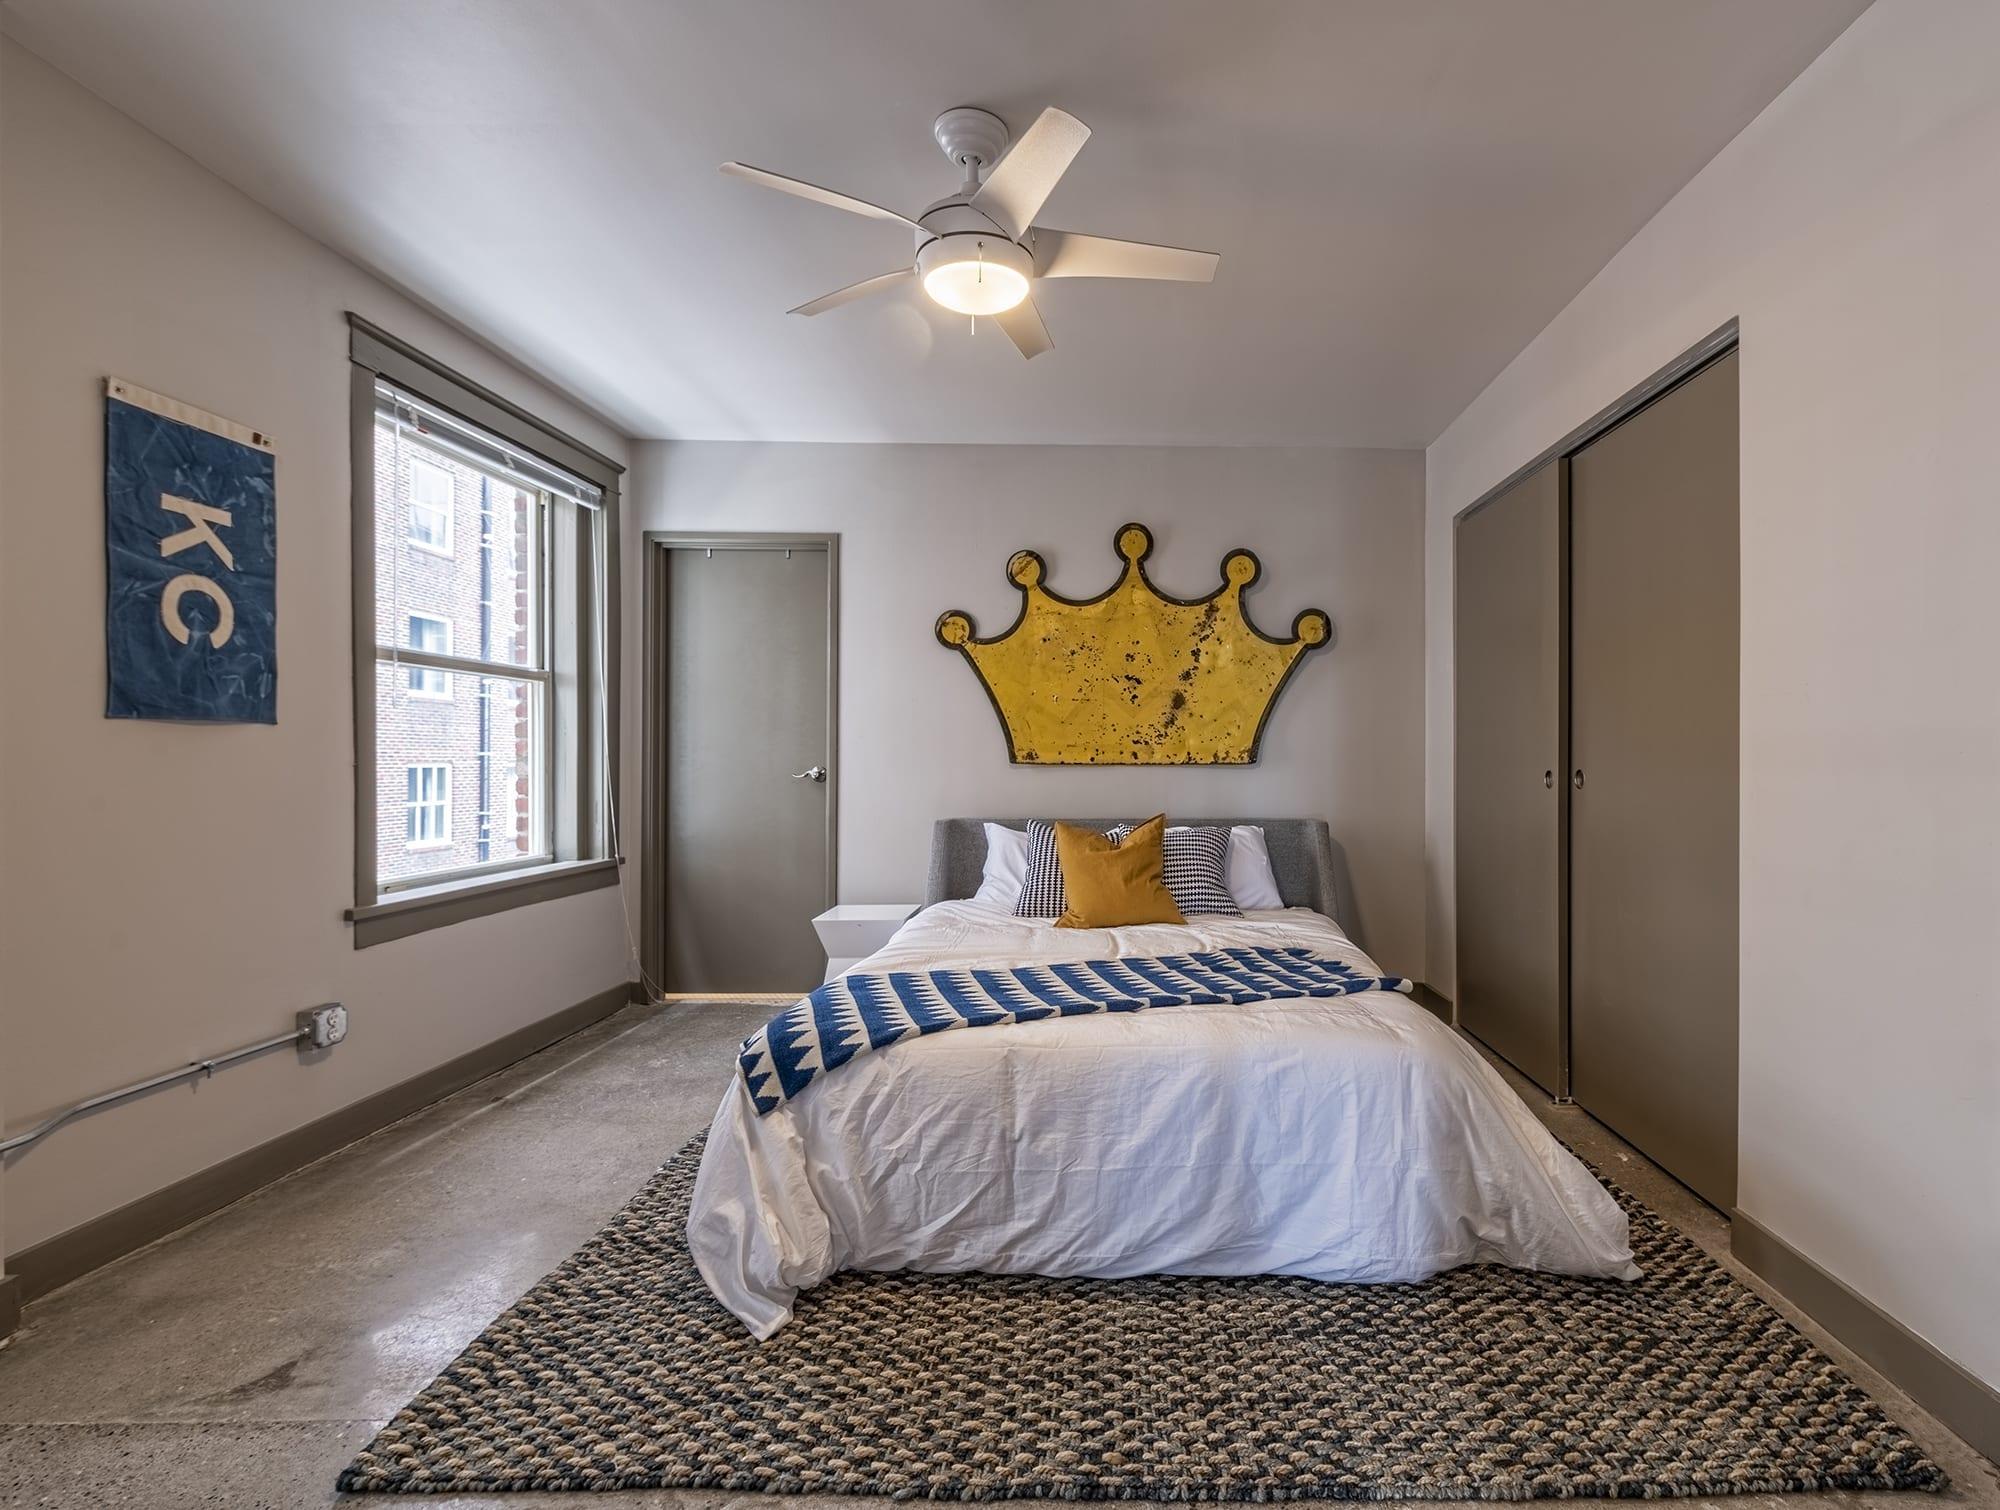 901 Bedroom